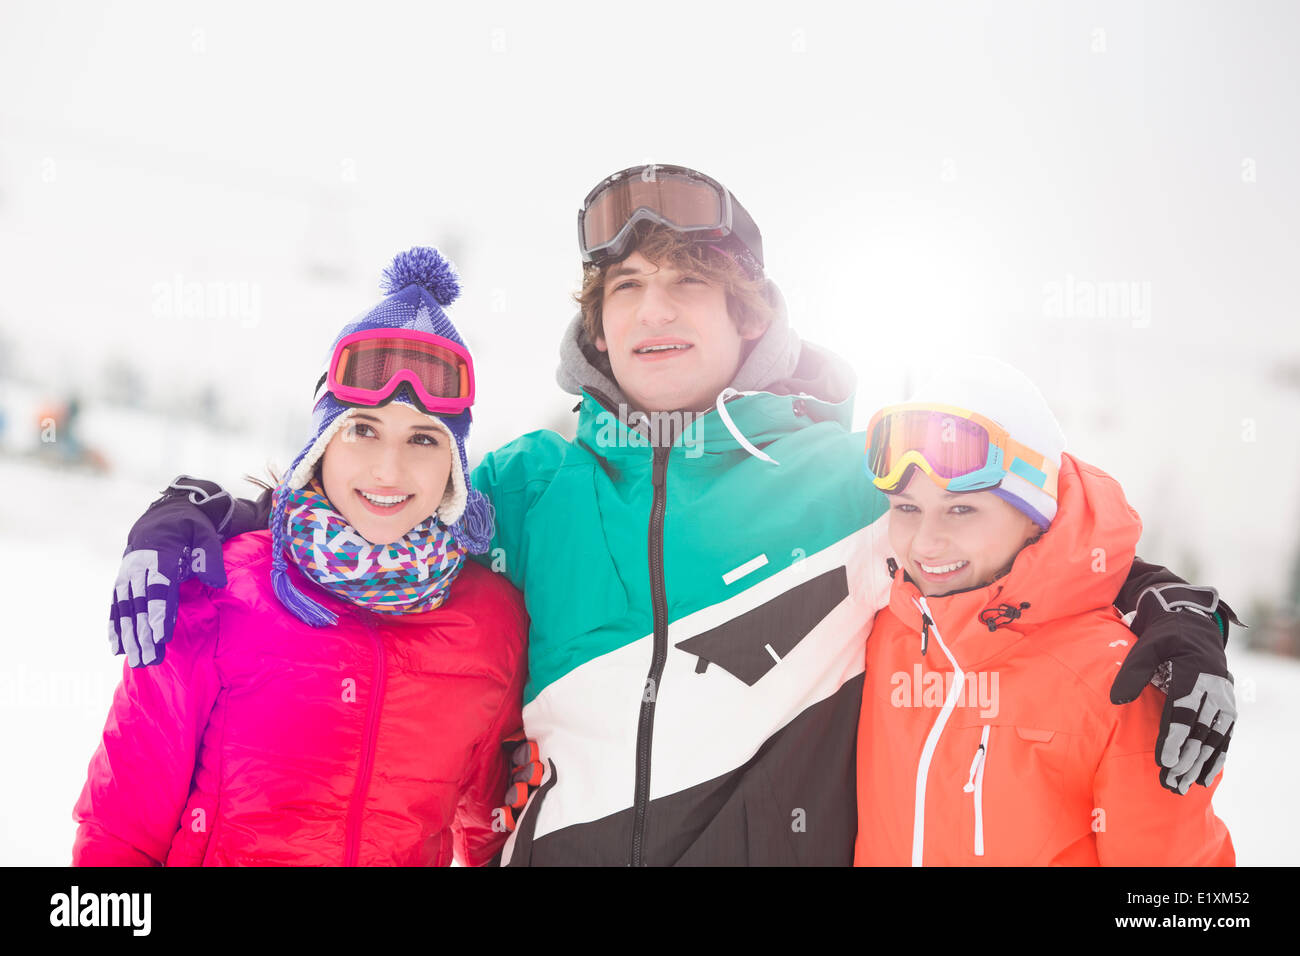 Feliz joven con amigas de pie brazo alrededor en la nieve Imagen De Stock